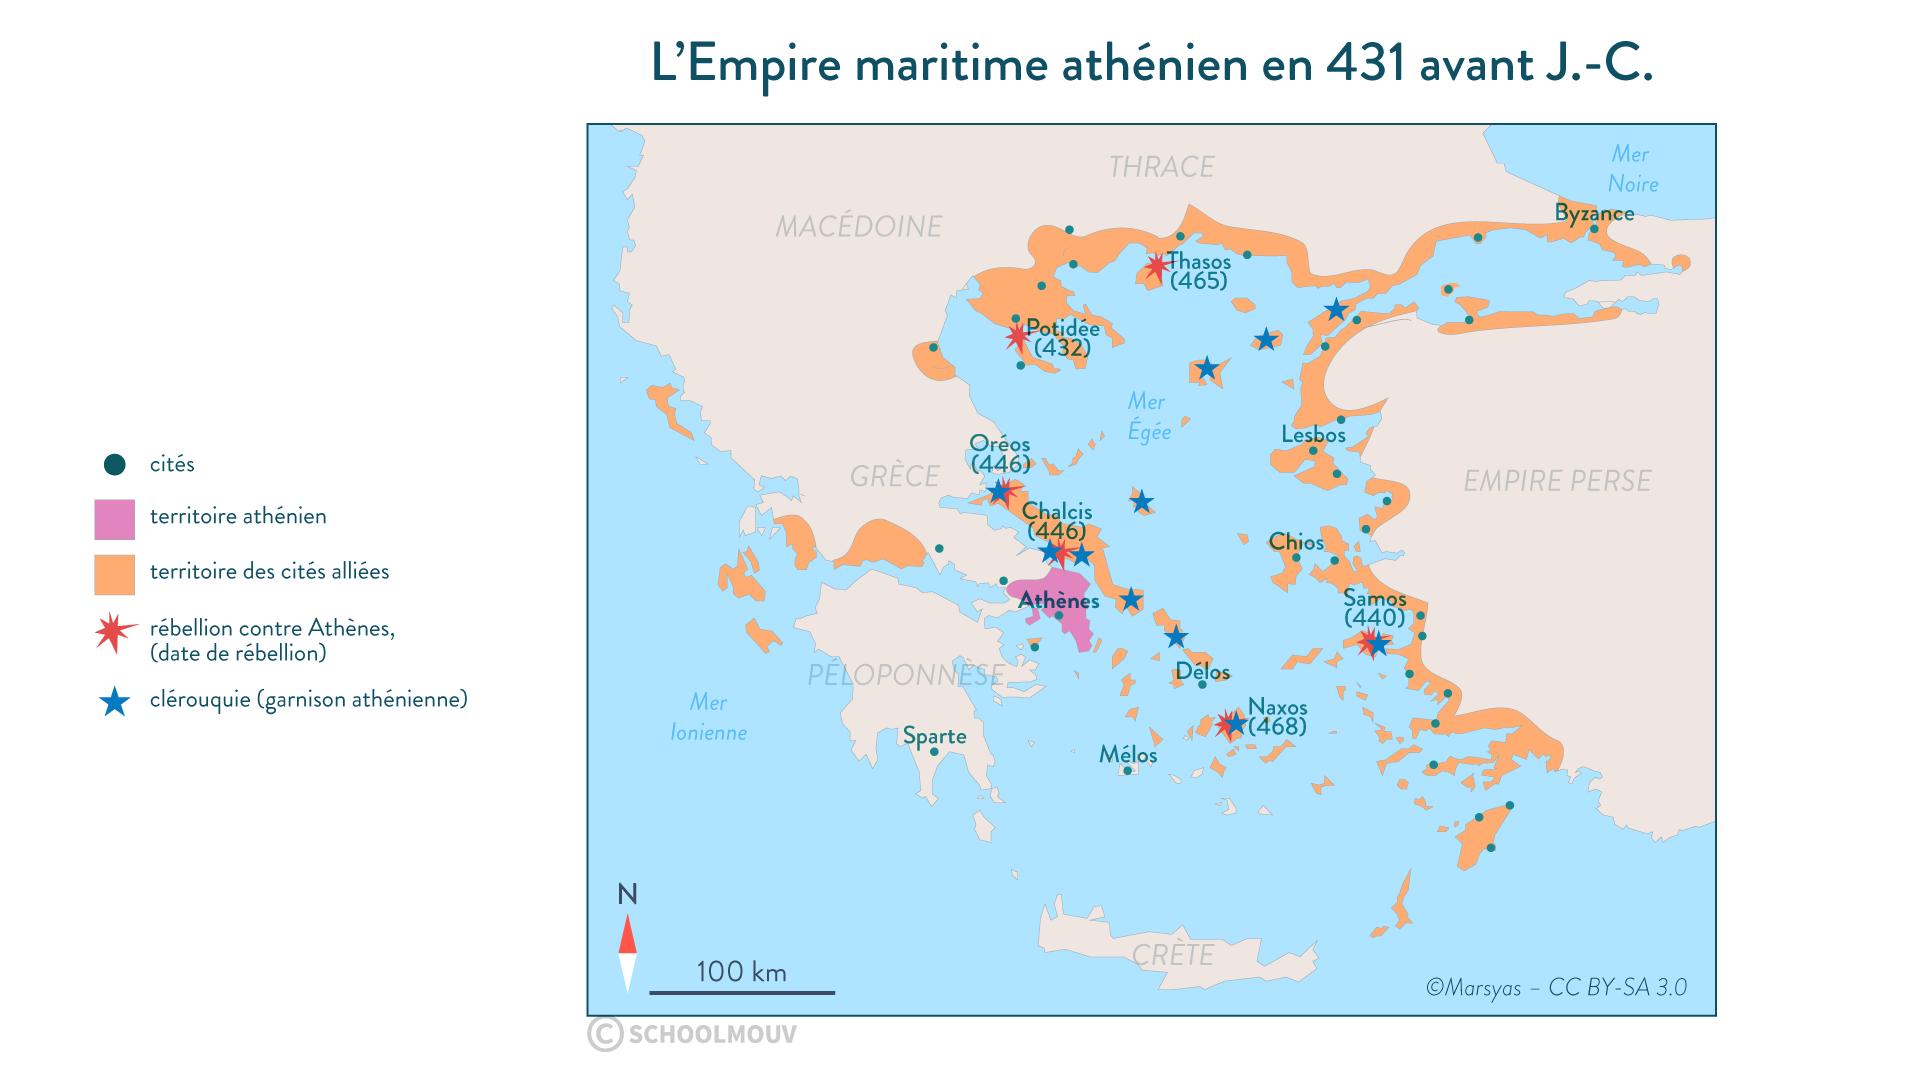 L'Empire maritime athénien en 431 avant J.-C. - Histoire - 2de - SchoolMouv